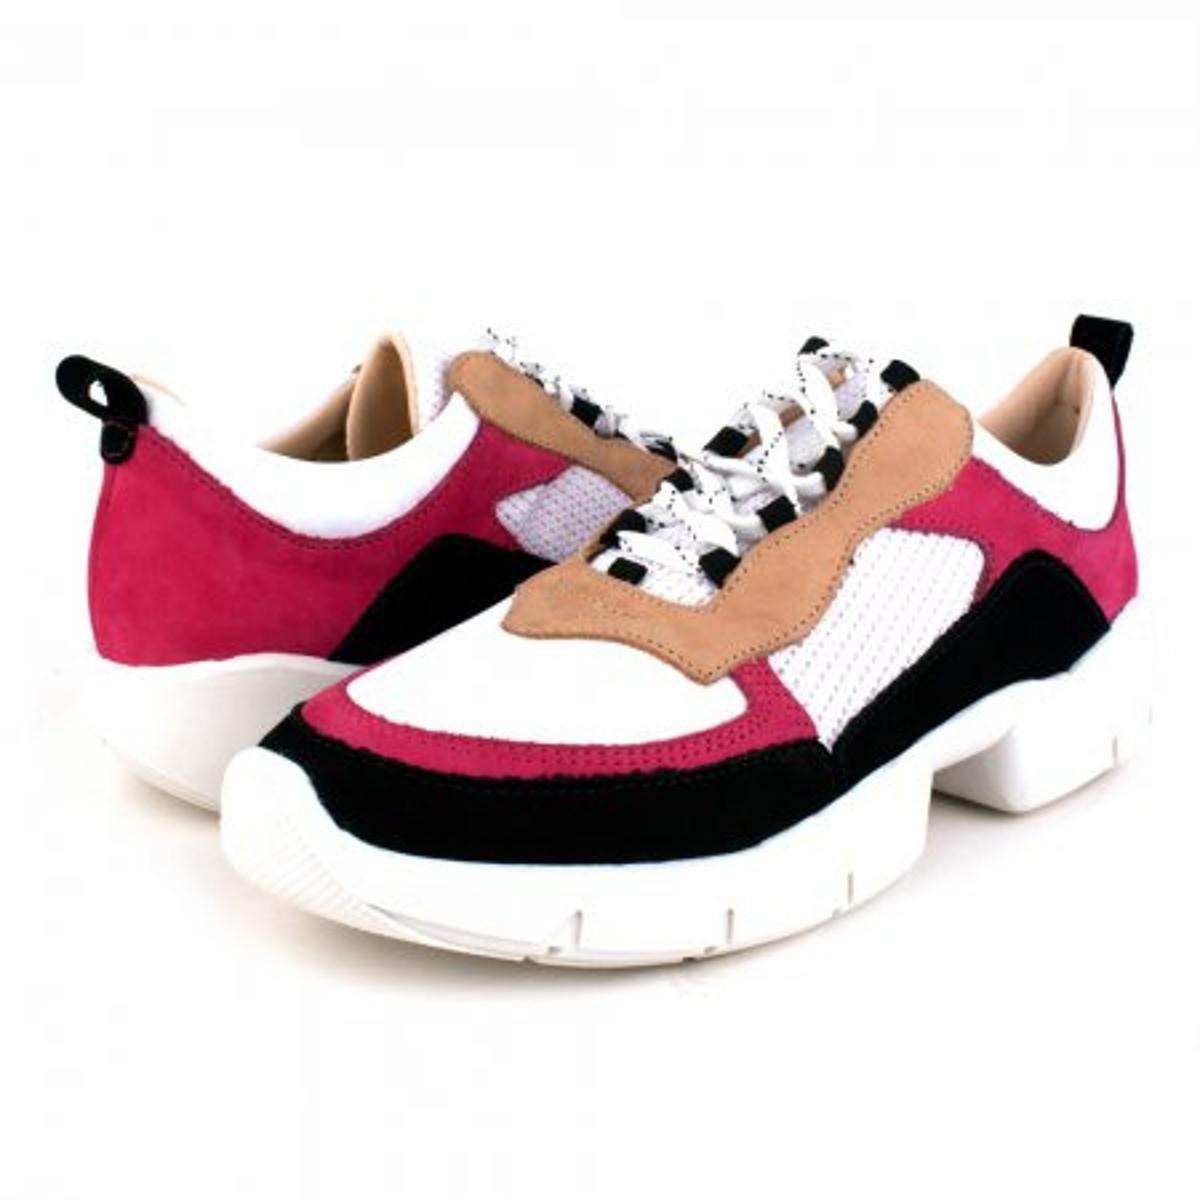 Tenis Trivalle Shoes Nobuck niagara Feminino - Preto e Pink